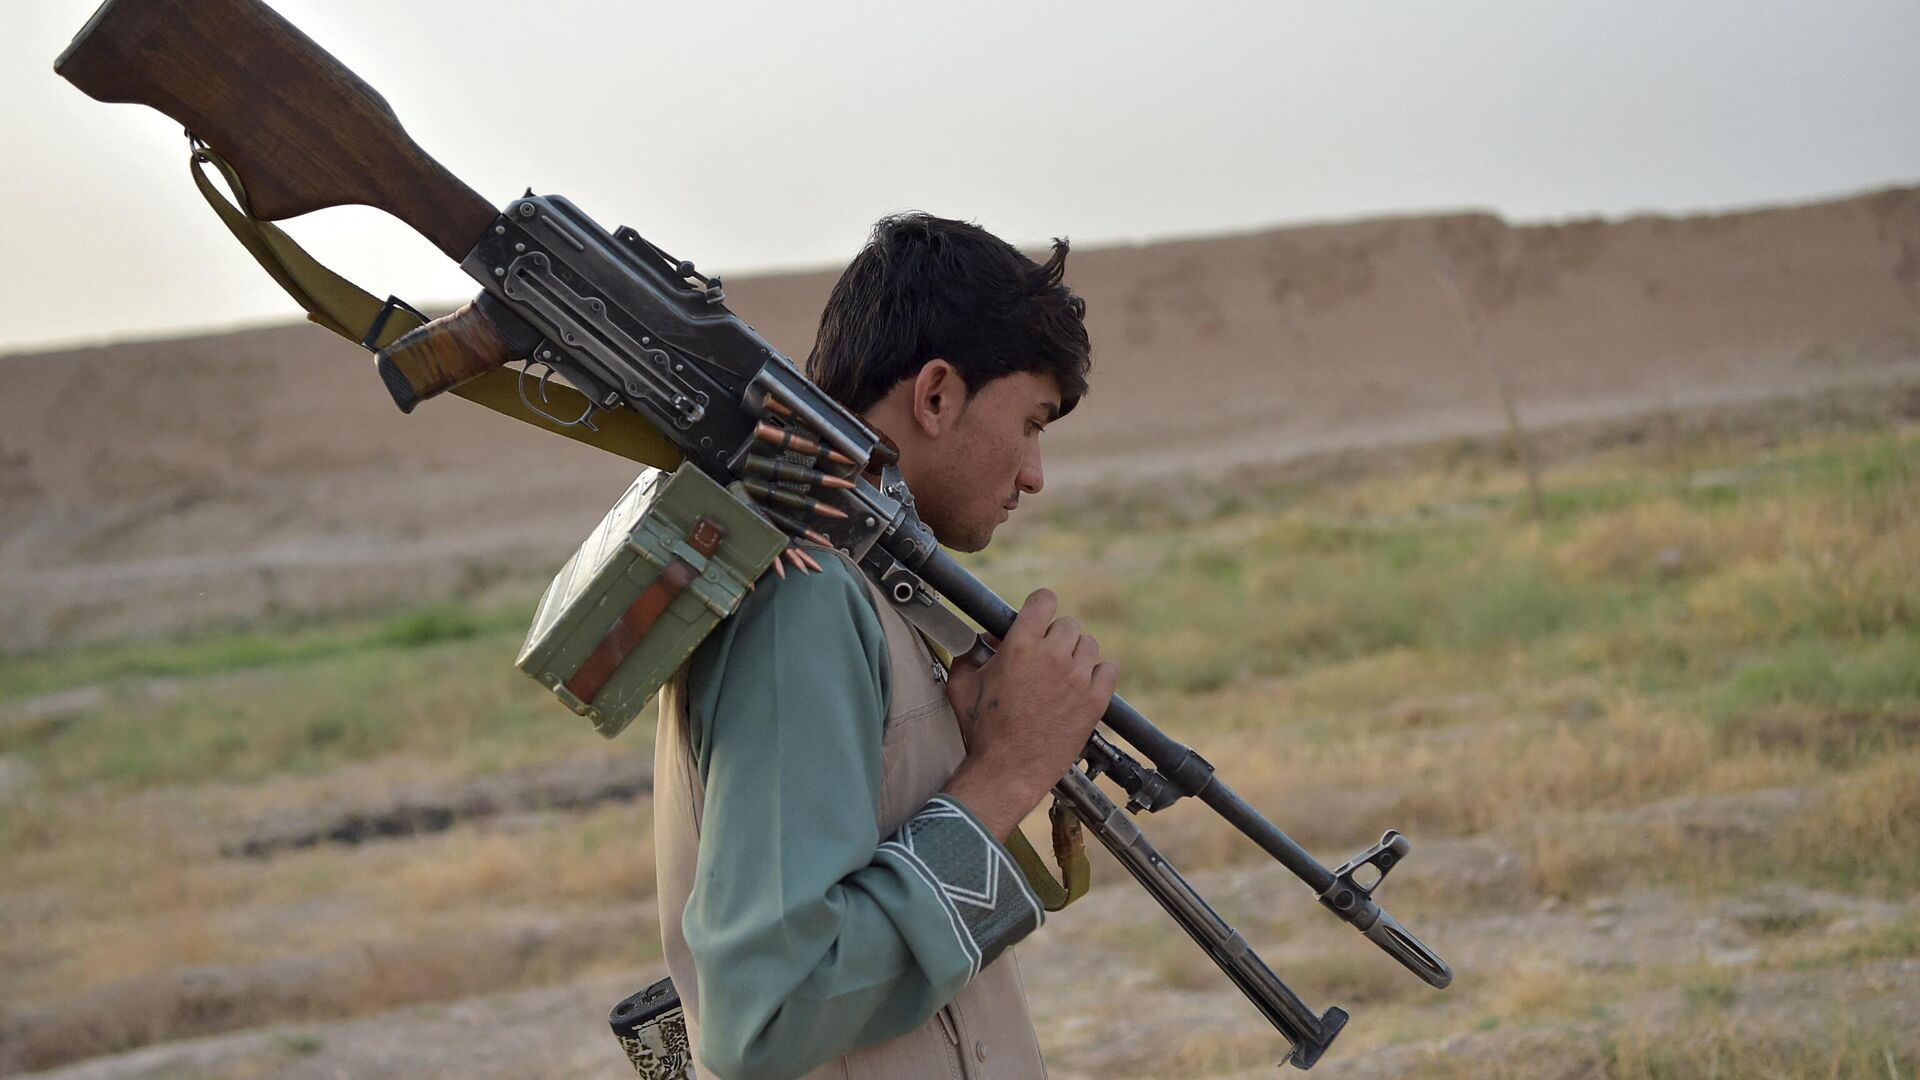 Вооруженные люди в Афганистане - Sputnik Узбекистан, 1920, 15.08.2021